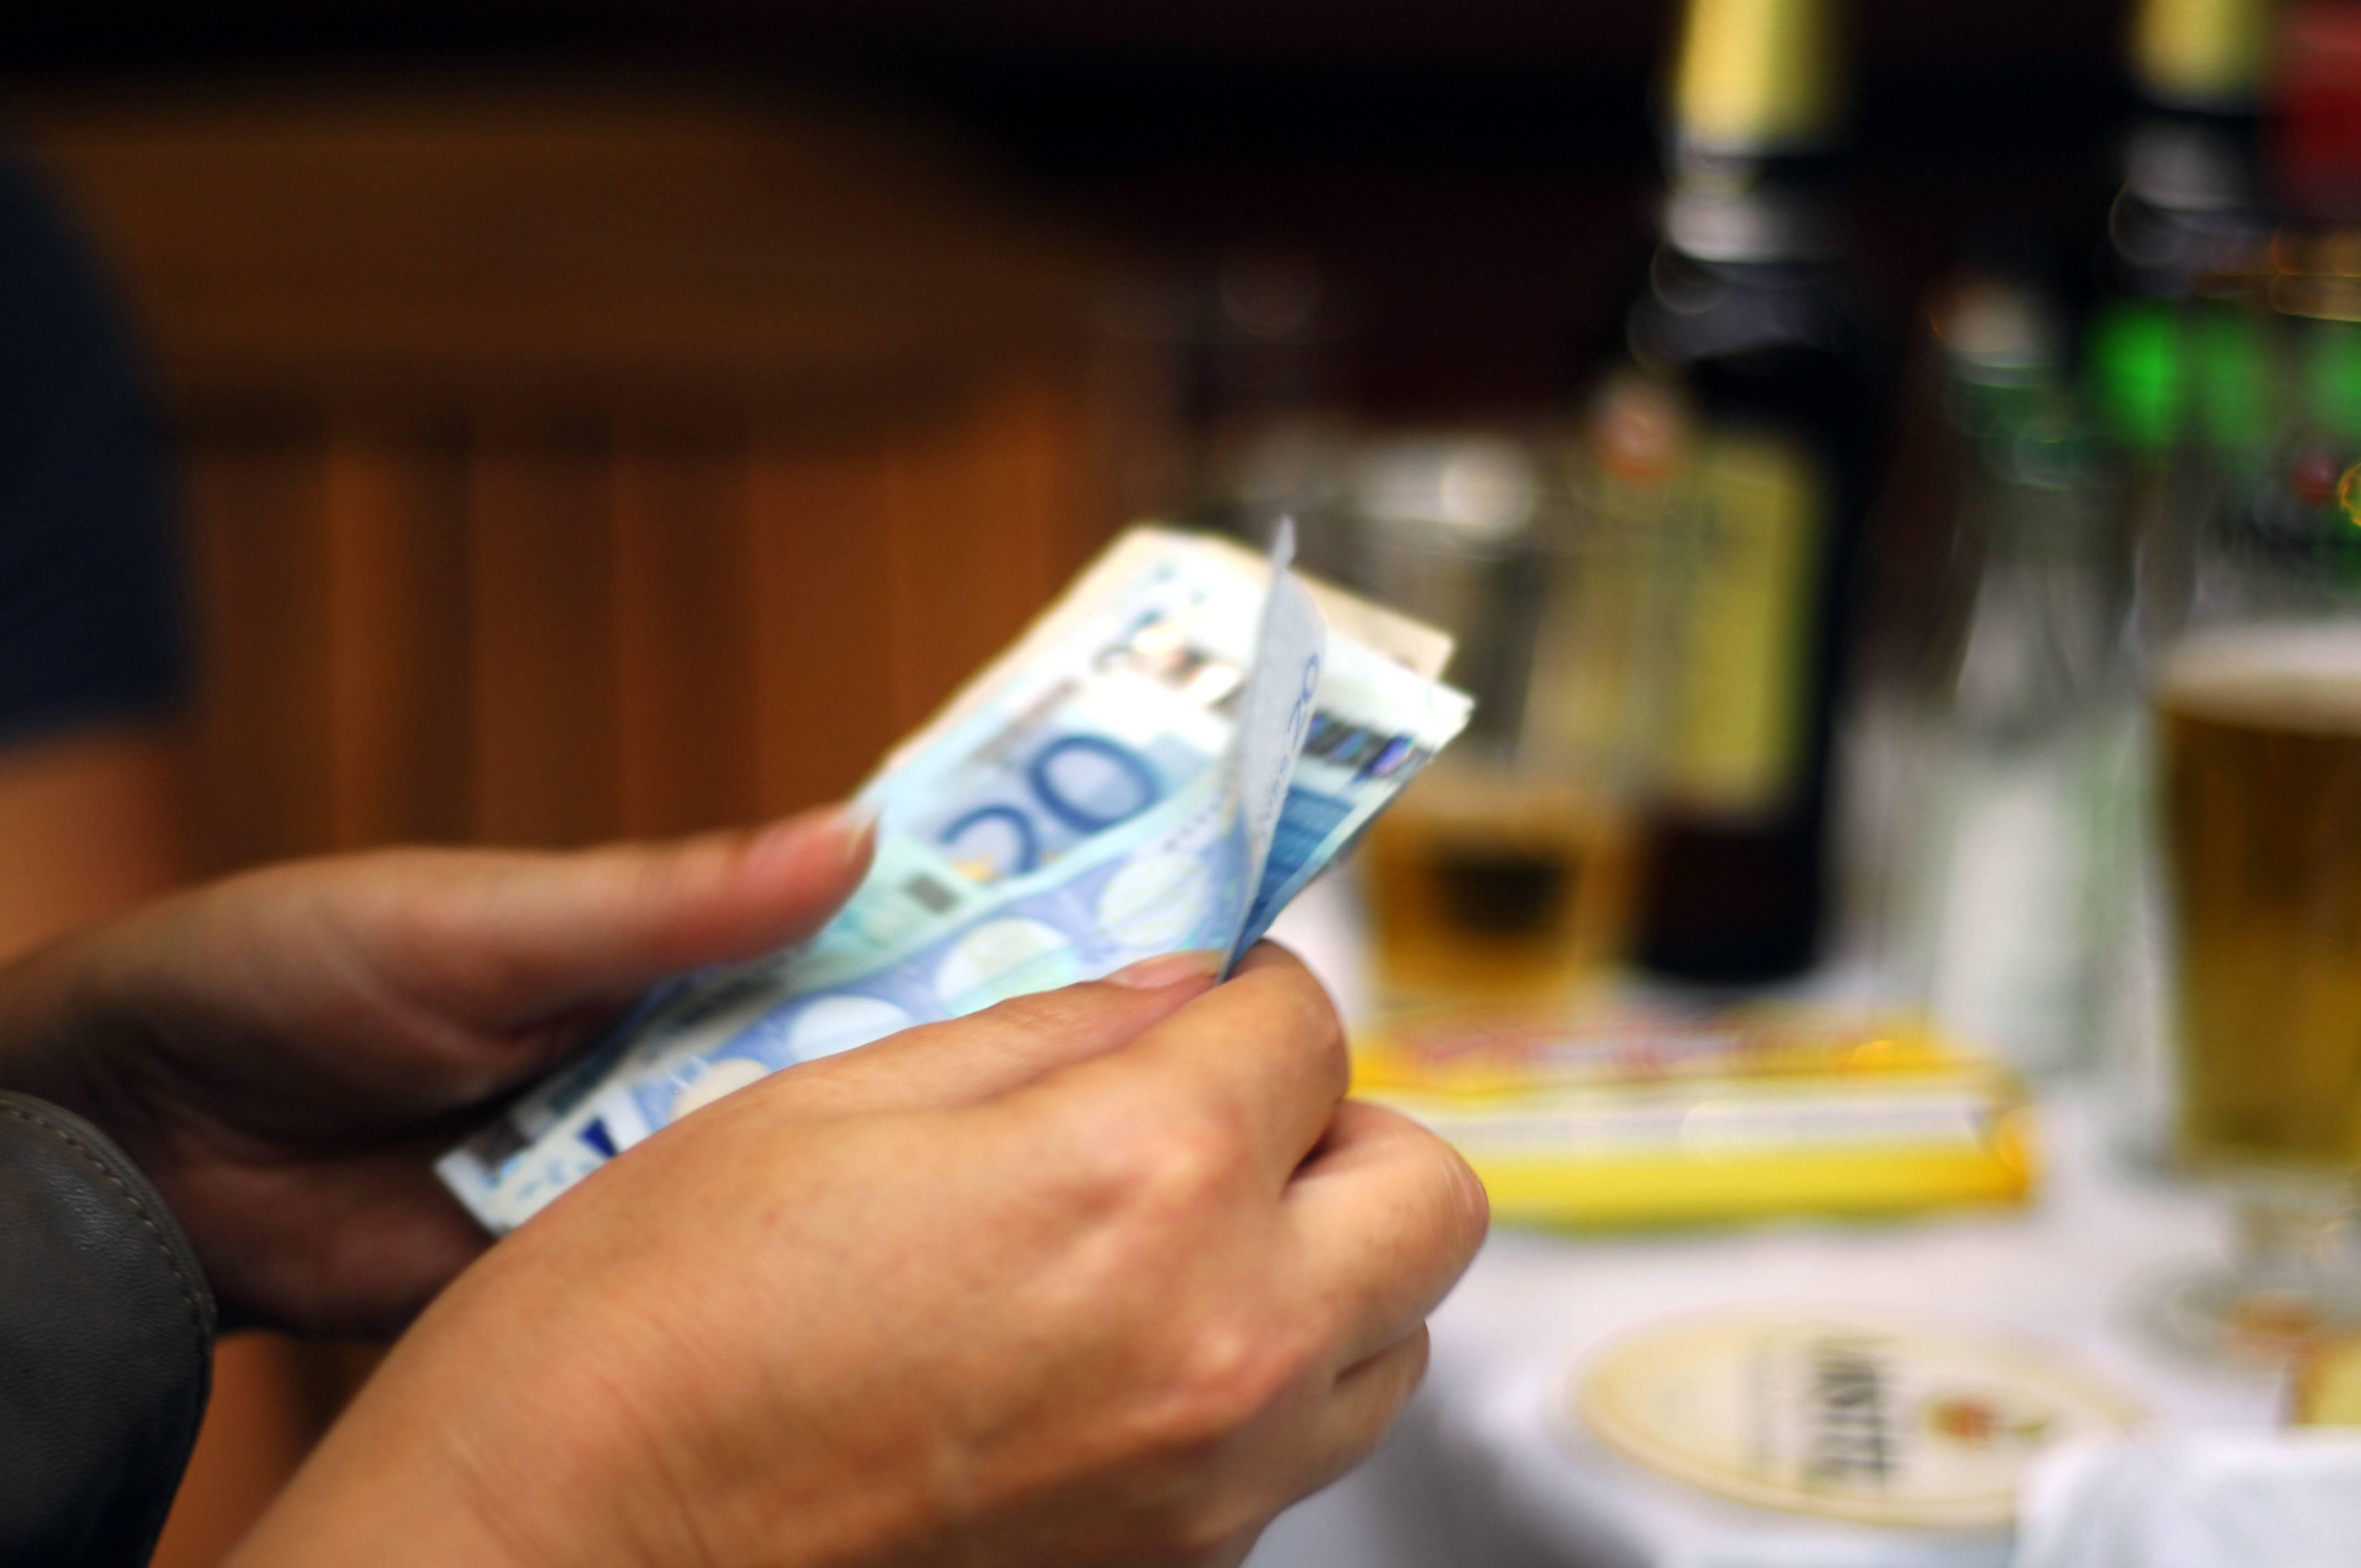 Покупка и аренда недвижимости на кипре в 2021 году — все о визах и эмиграции